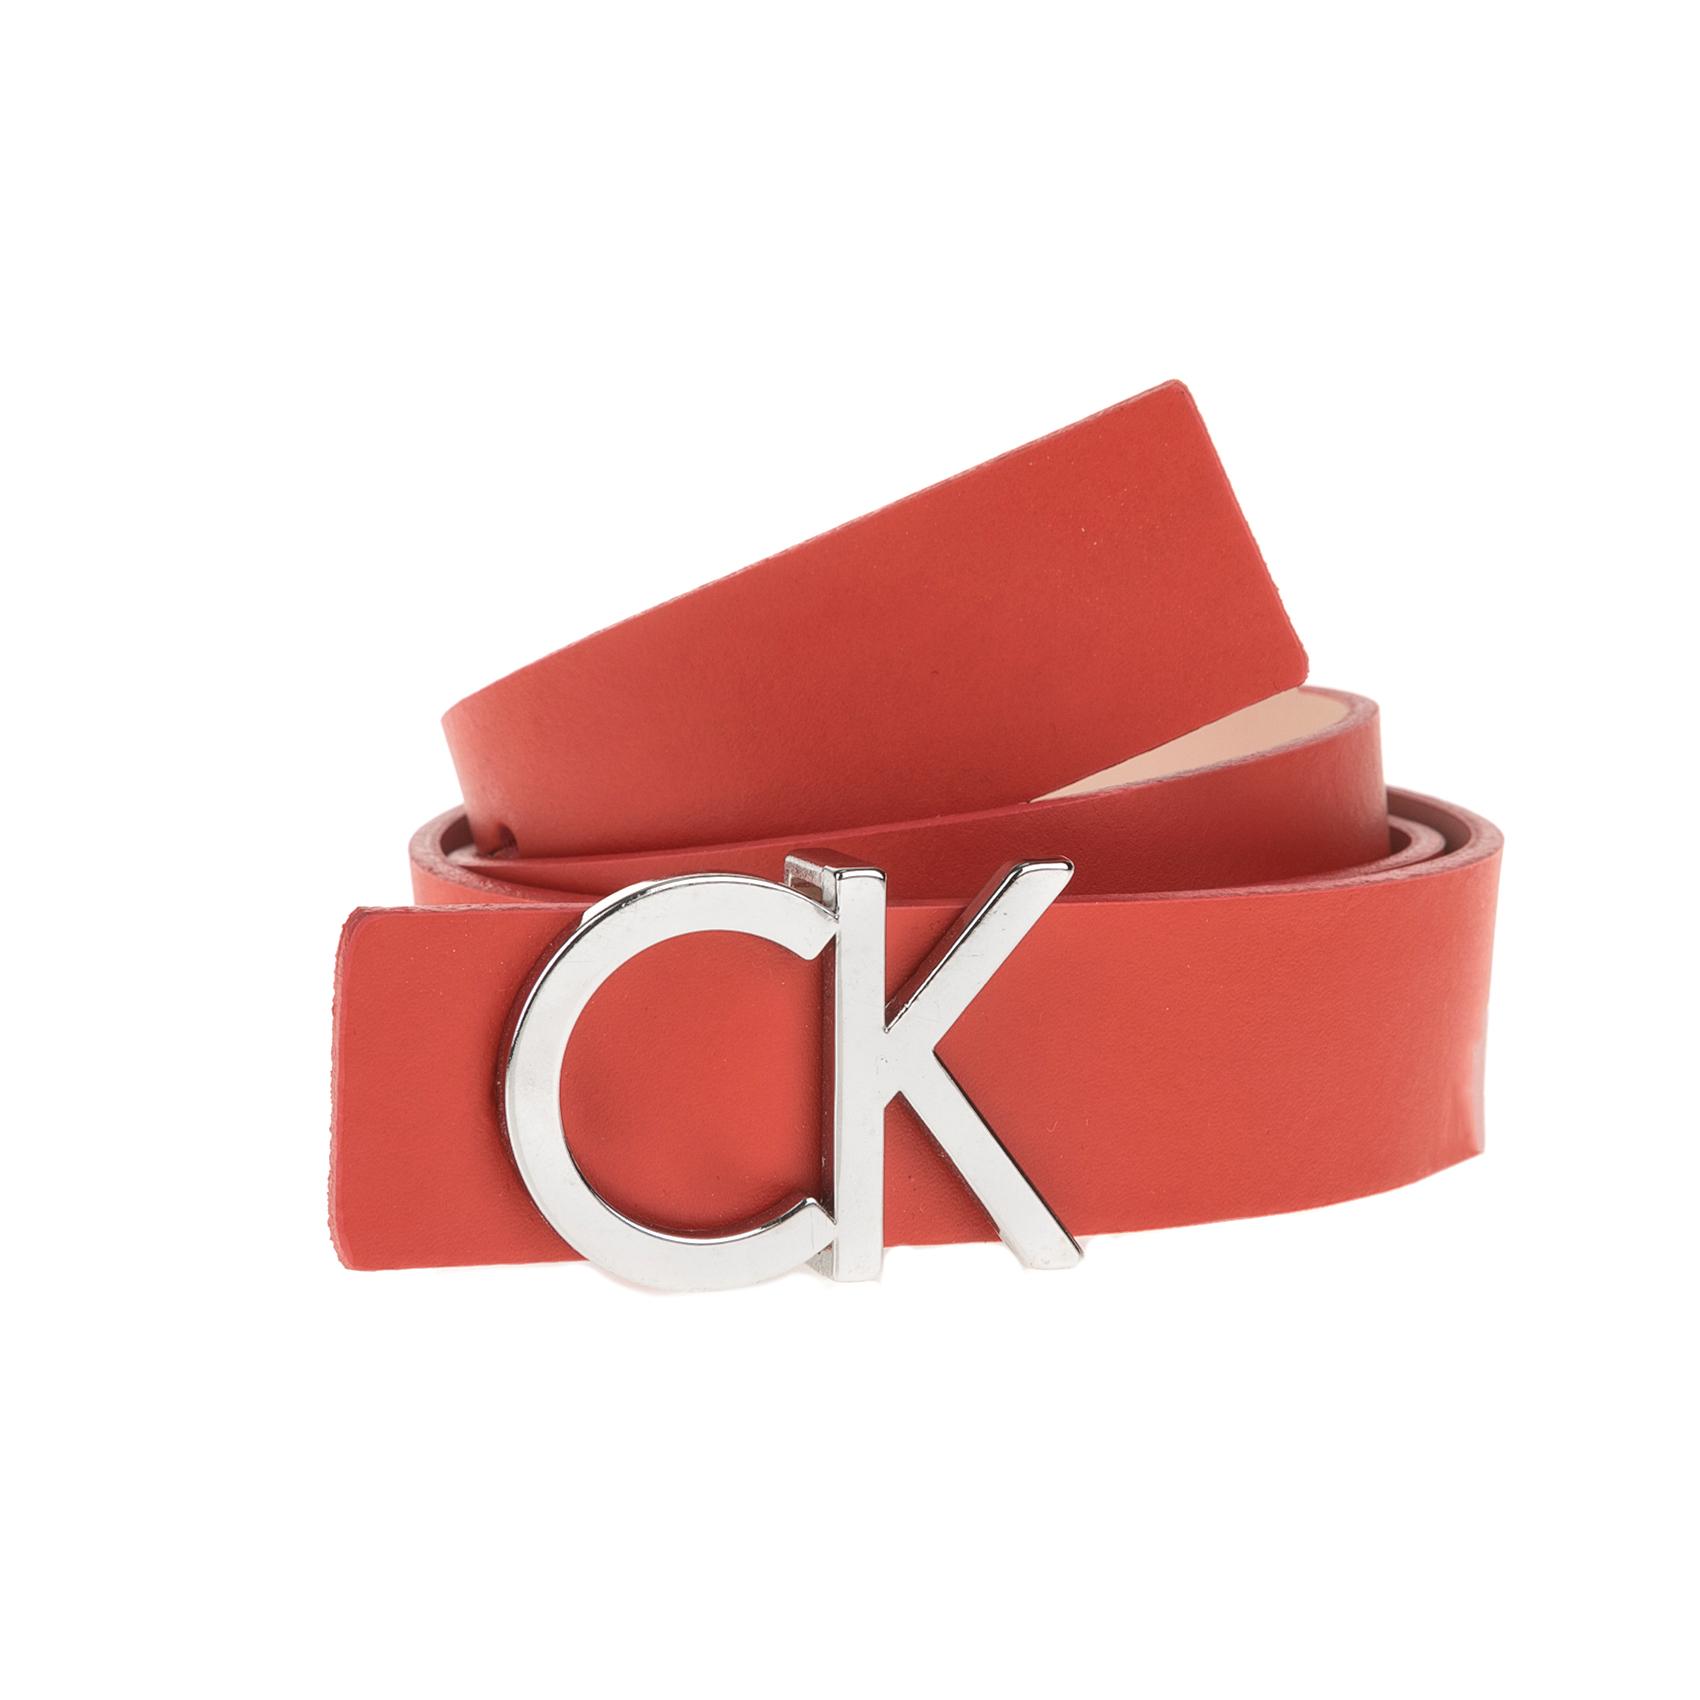 CALVIN KLEIN JEANS – Γυναικεία ζώνη Calvin Klein Jeans κόκκινη